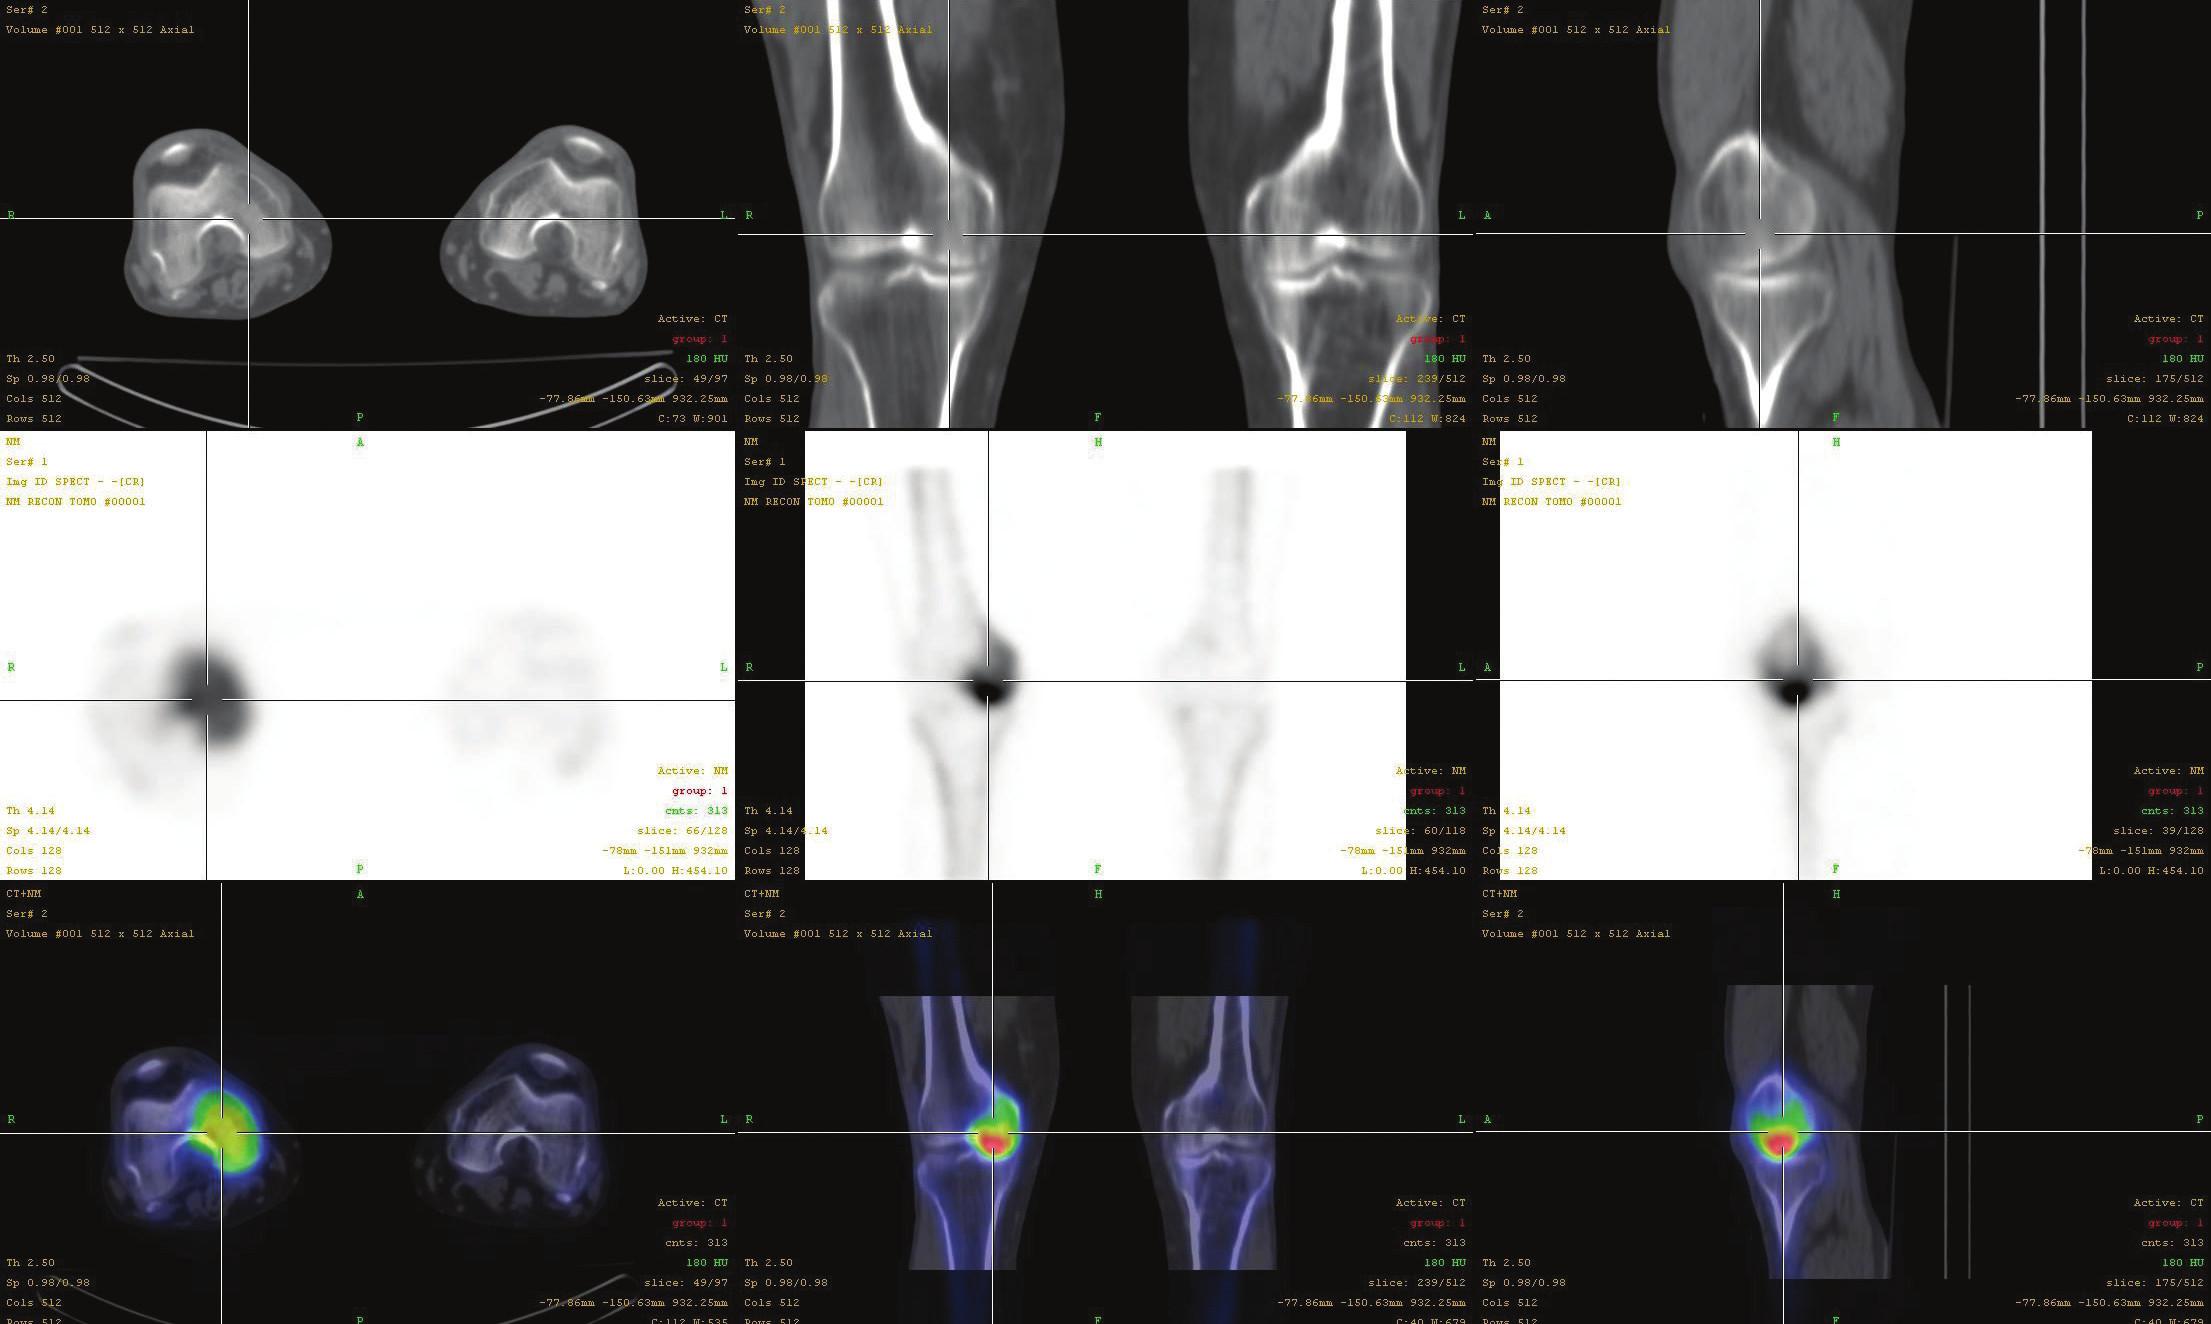 Fúze SPECT/CT obrazu u téhož pacienta s osteonekrózou mediálního kondylu femuru v časném stádiu (I). V horní řadě je obraz z LDCT postupně v transaxiální, koronární a sagitální rovině. Střední řada ukazuje odpovídající SPECT řezy. Dolní řada prezentuje odpovídající fúzované SPECT/CT řezy. Scintigrafický nález je v časném stádiu výrazný, nález na LDCT normální.